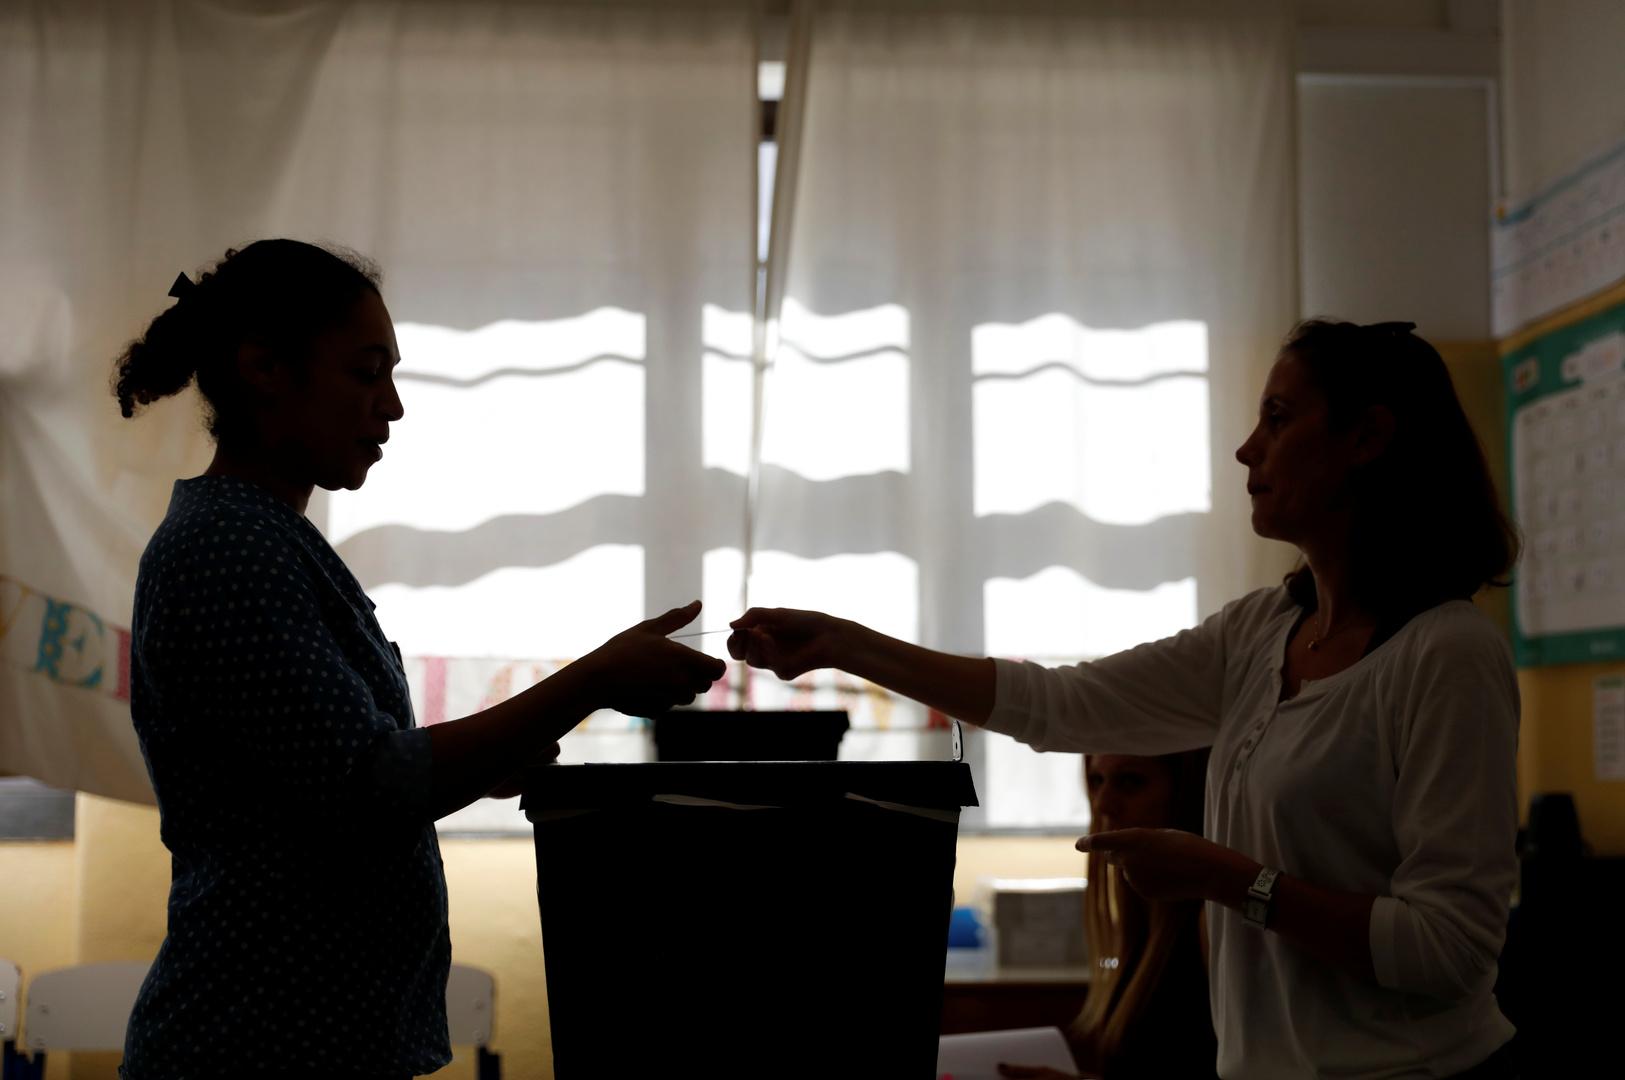 الاشتراكيون يفوزون بالانتخابات البلدية البرتغالية ويخسرون لشبونة أمام اليمين